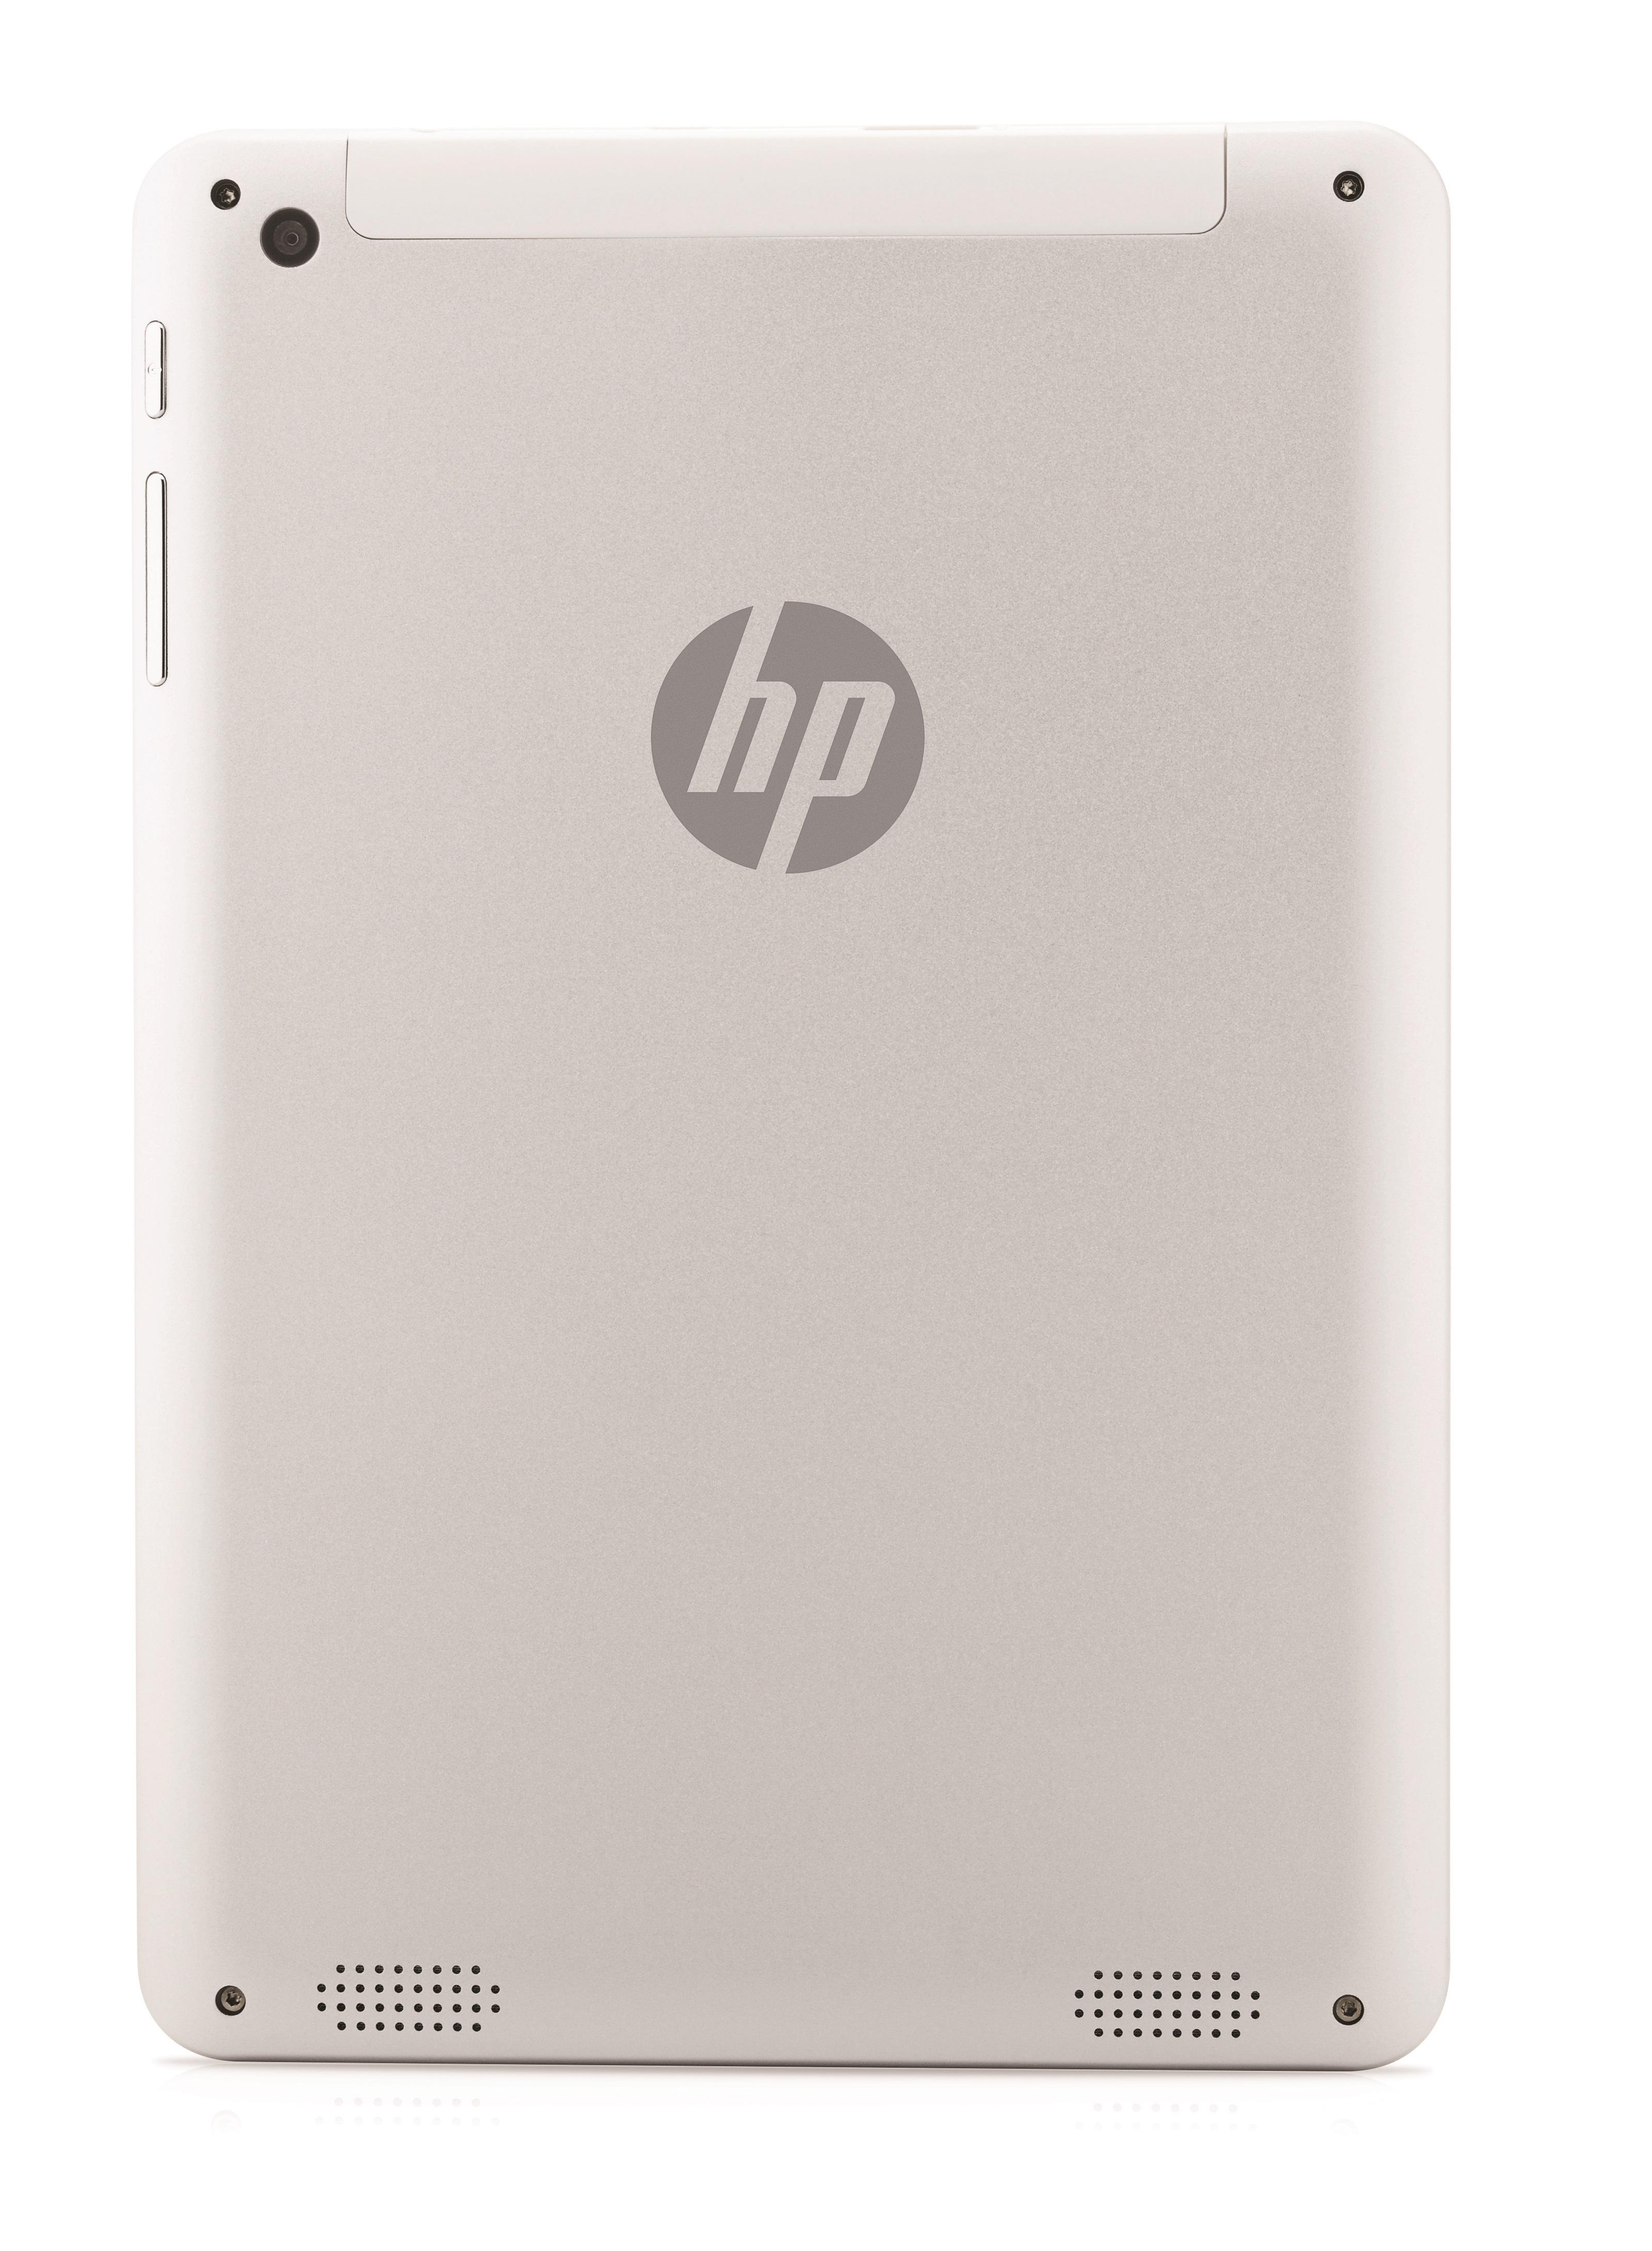 Tablet hp 7 Polegadas o Outro Tablet o hp 7